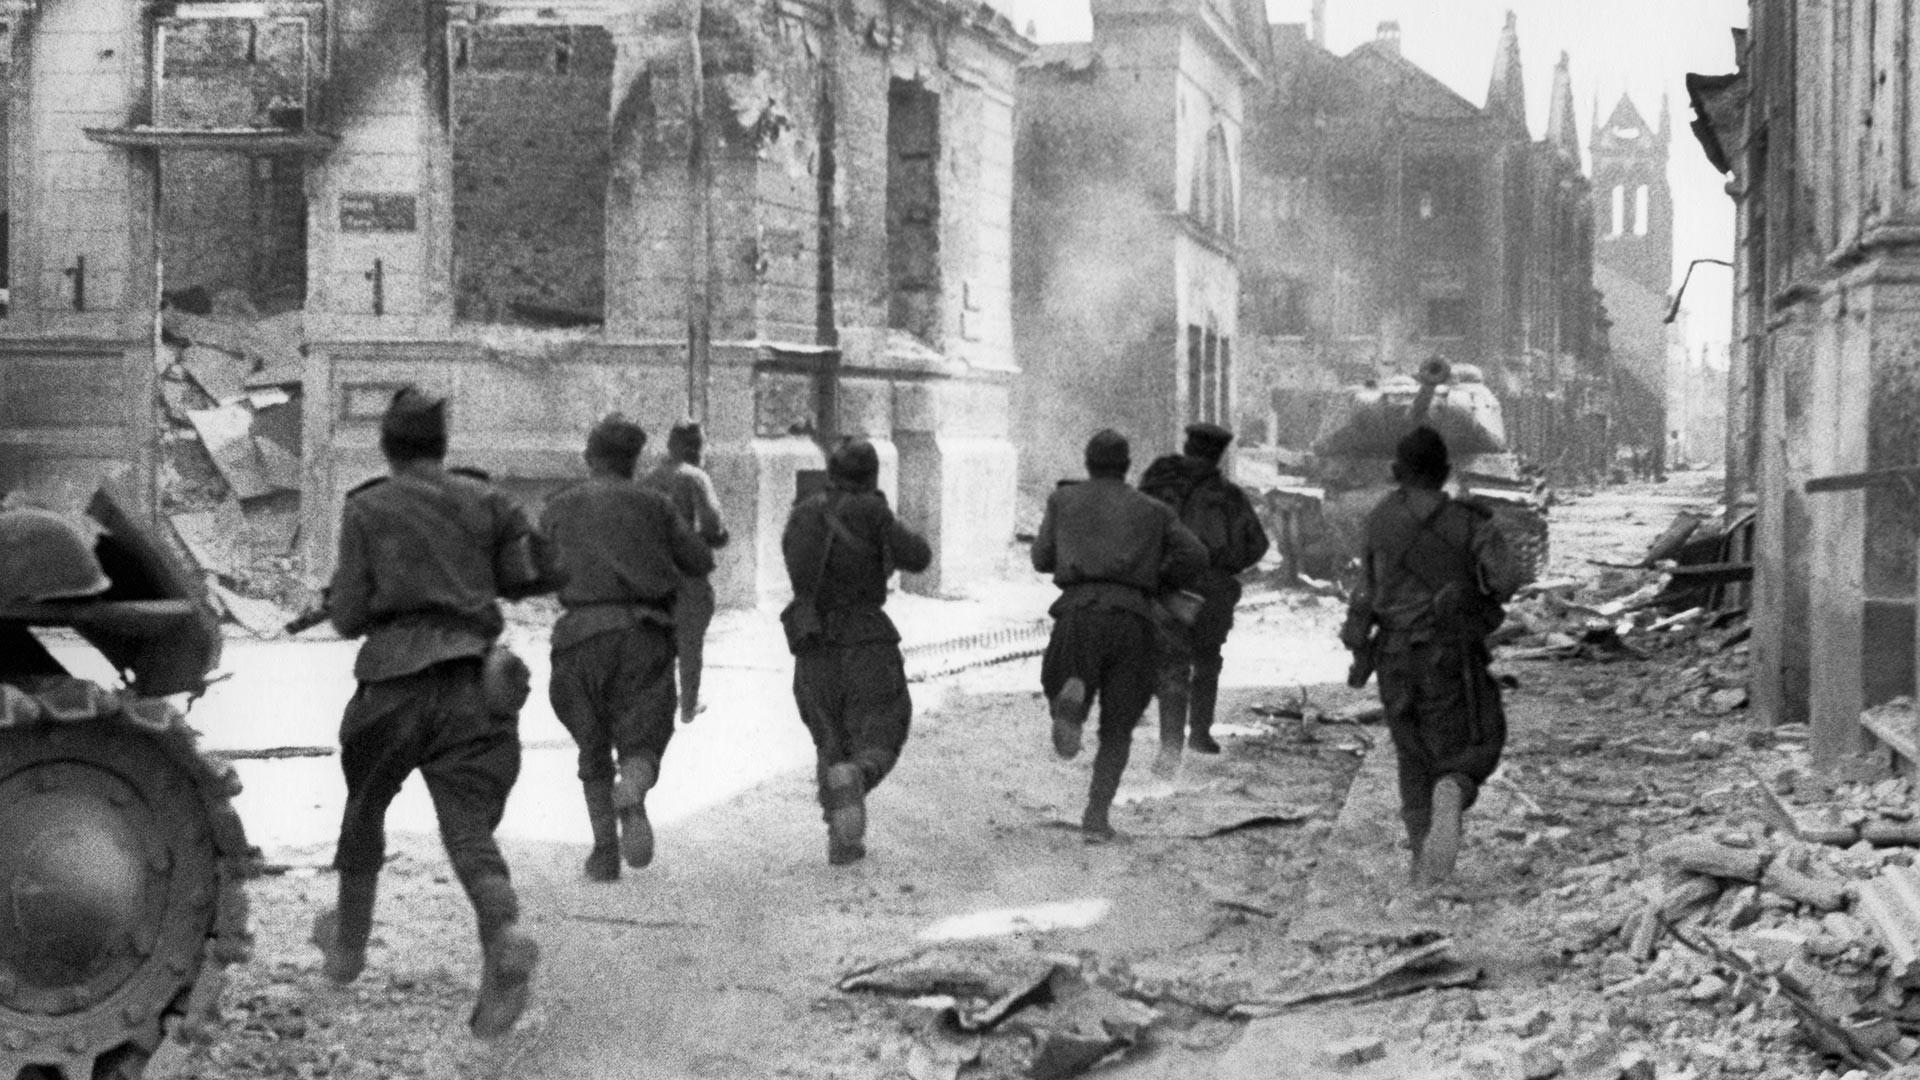 Vojnici Prvog pribaltičkog fronta naoružani automatima vode ulične borbe s njemačko-fašističkim osvajačima.